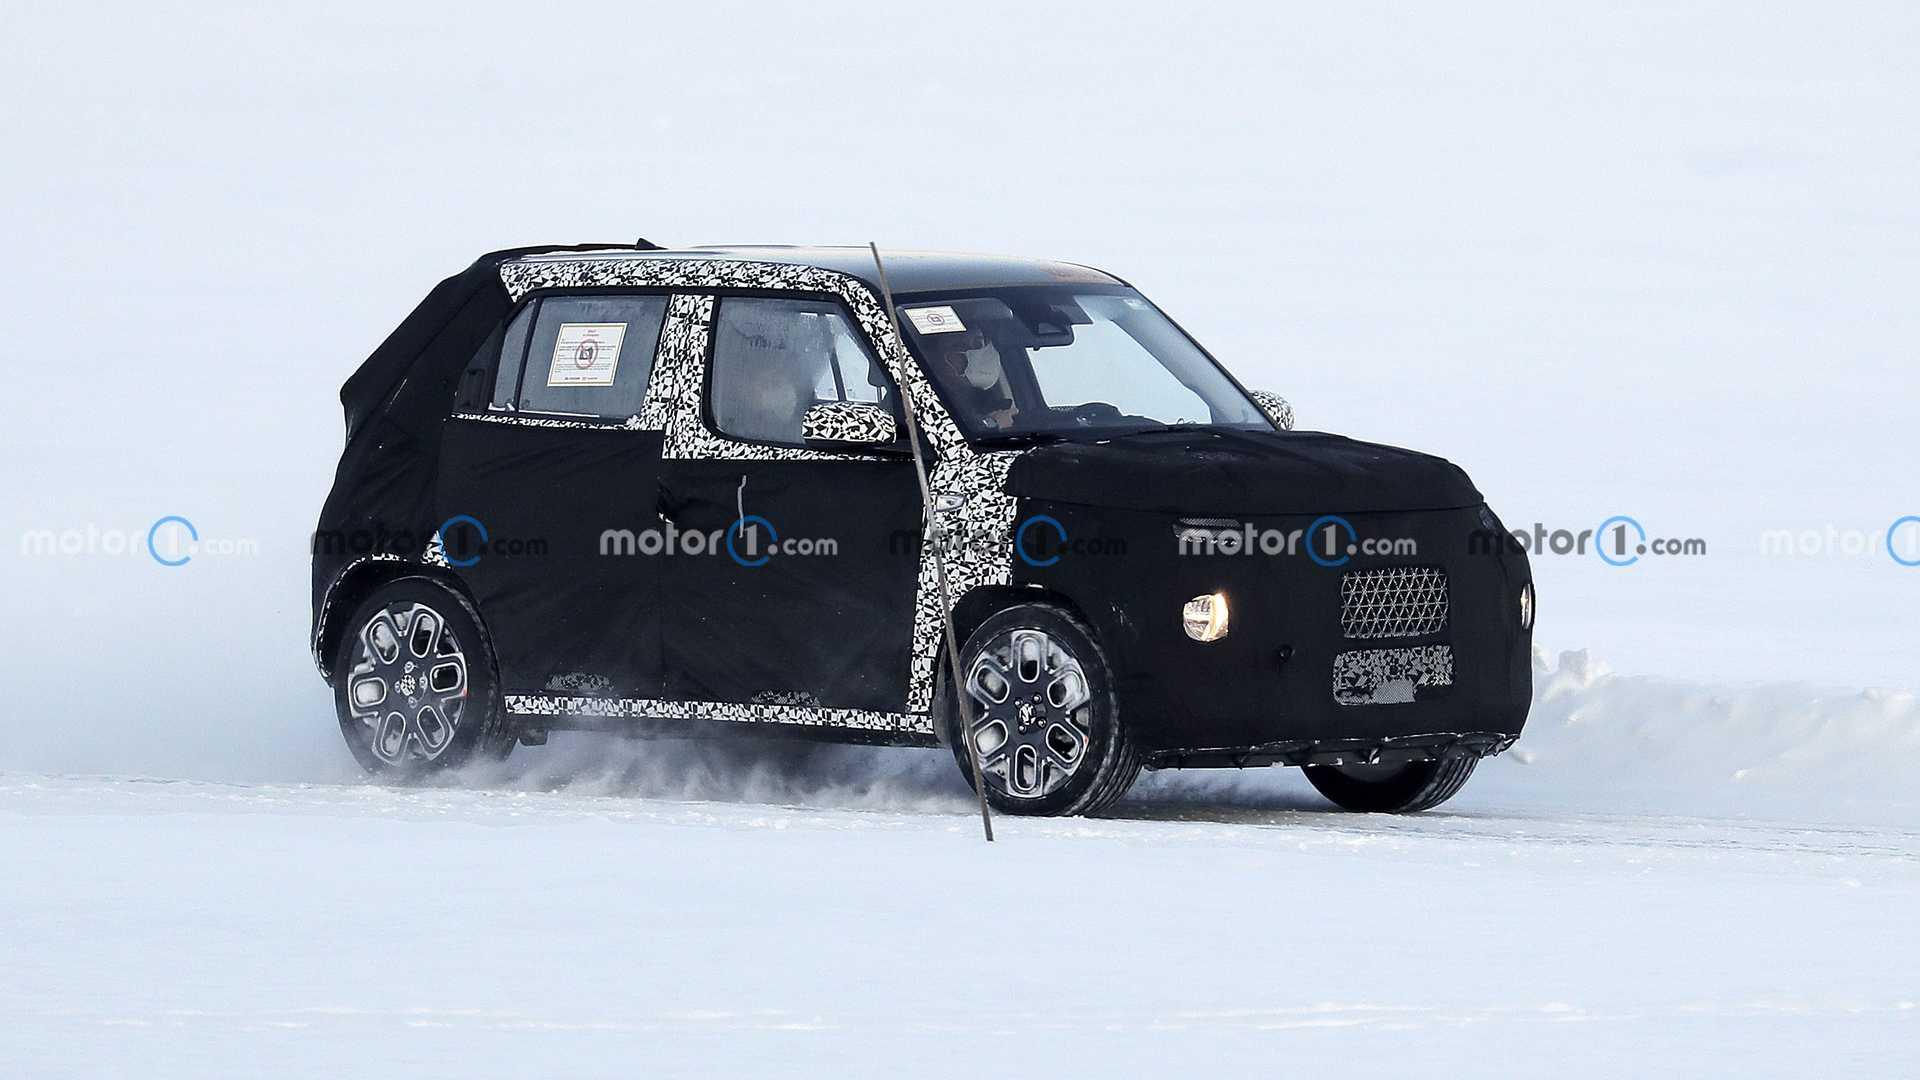 Hyundai presenterà un nuovo crossover piccolo, ecco le foto spia